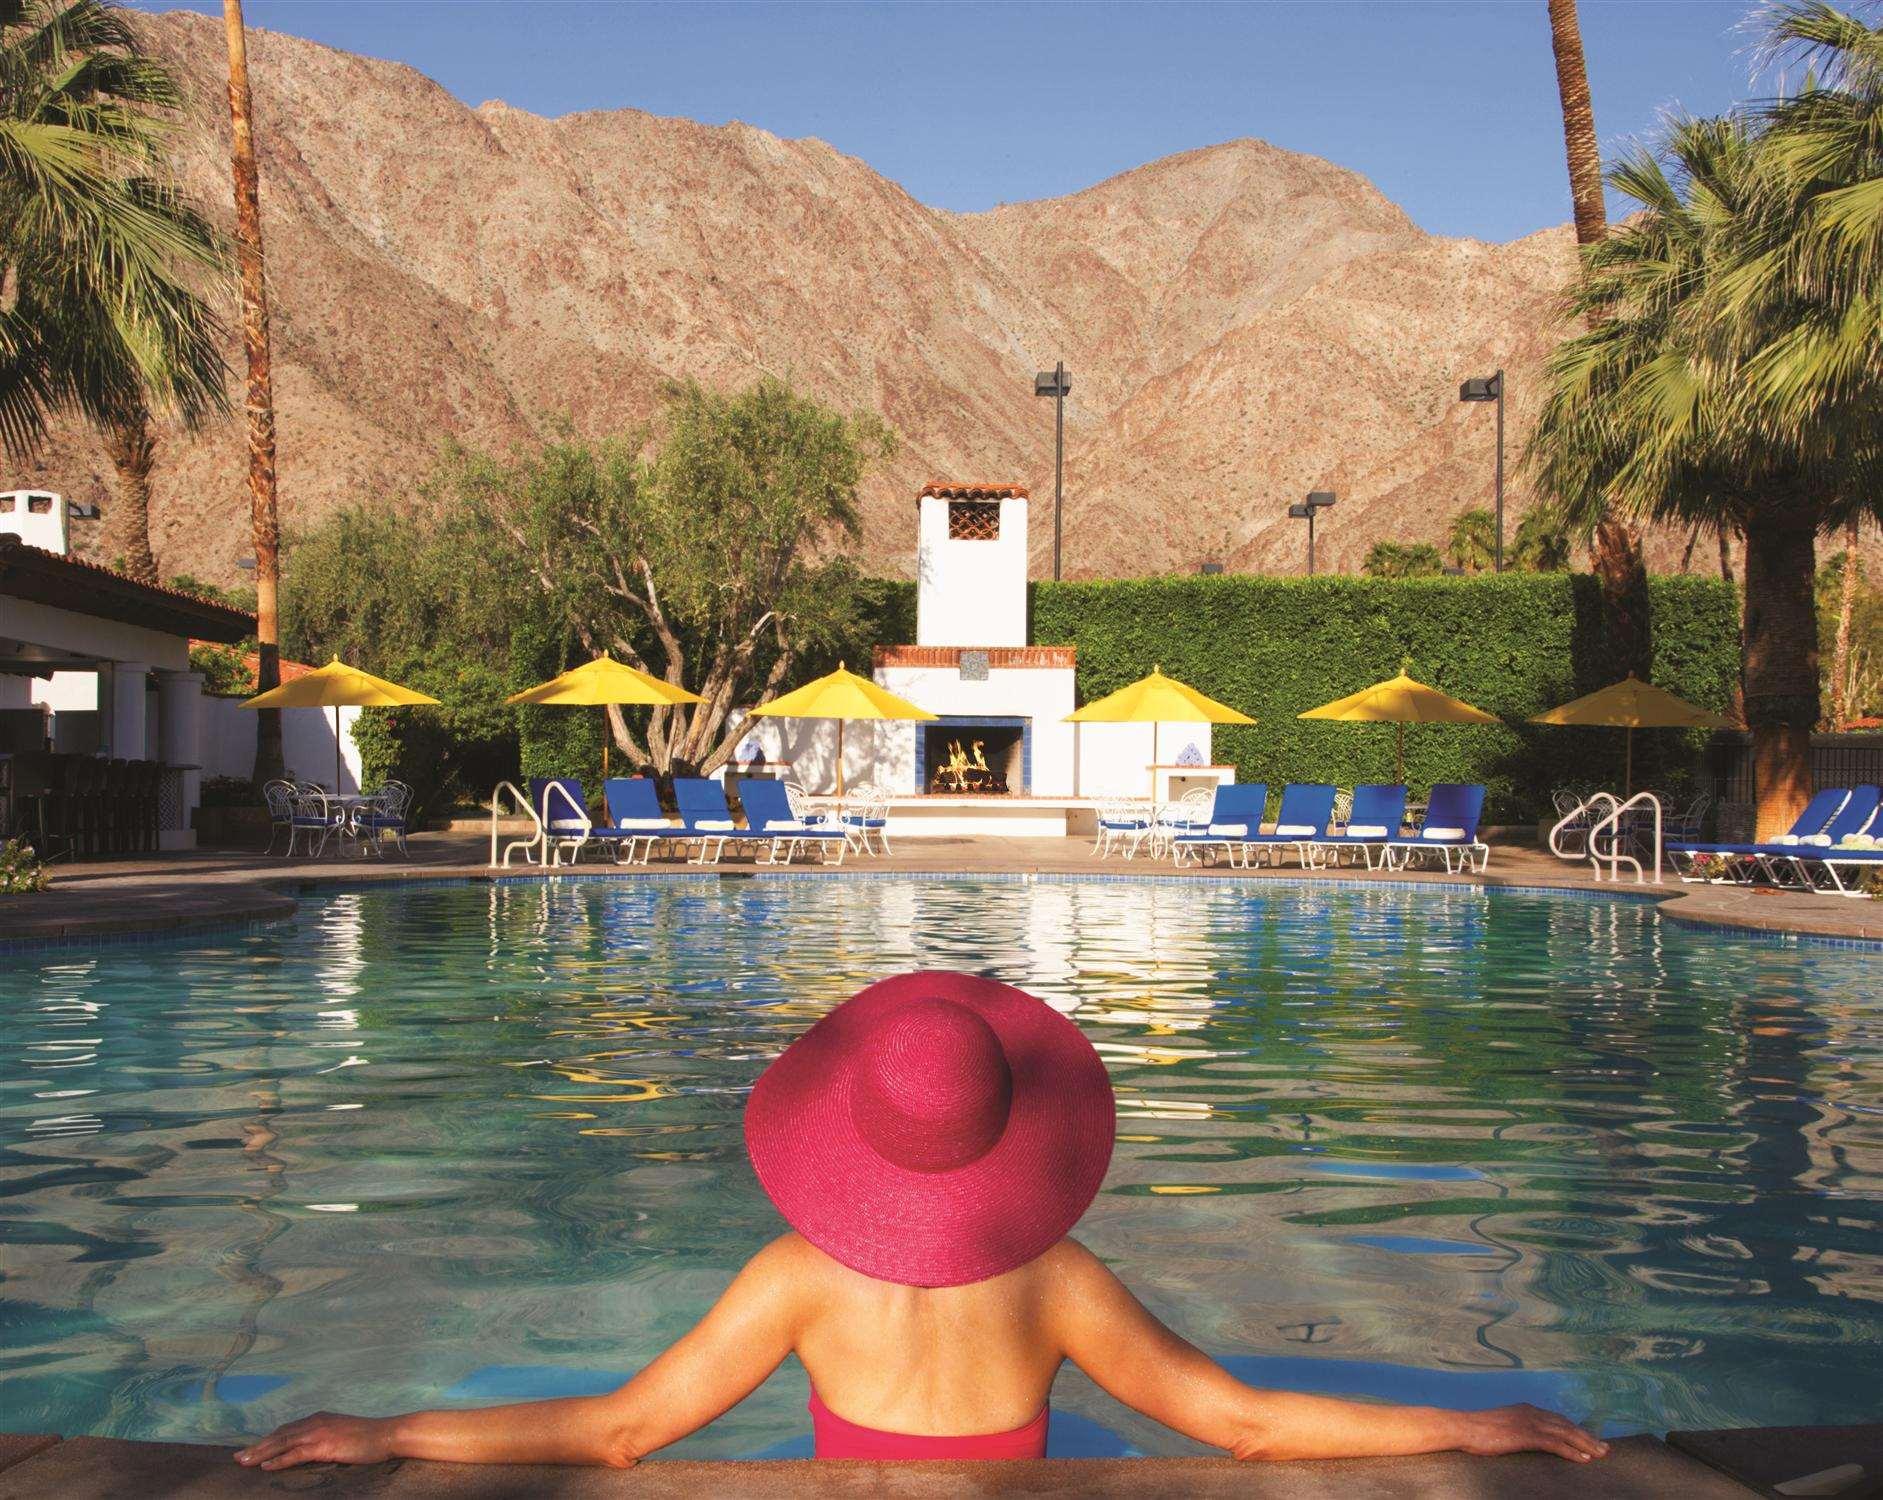 La Quinta Resort & Club, A Waldorf Astoria Resort image 7